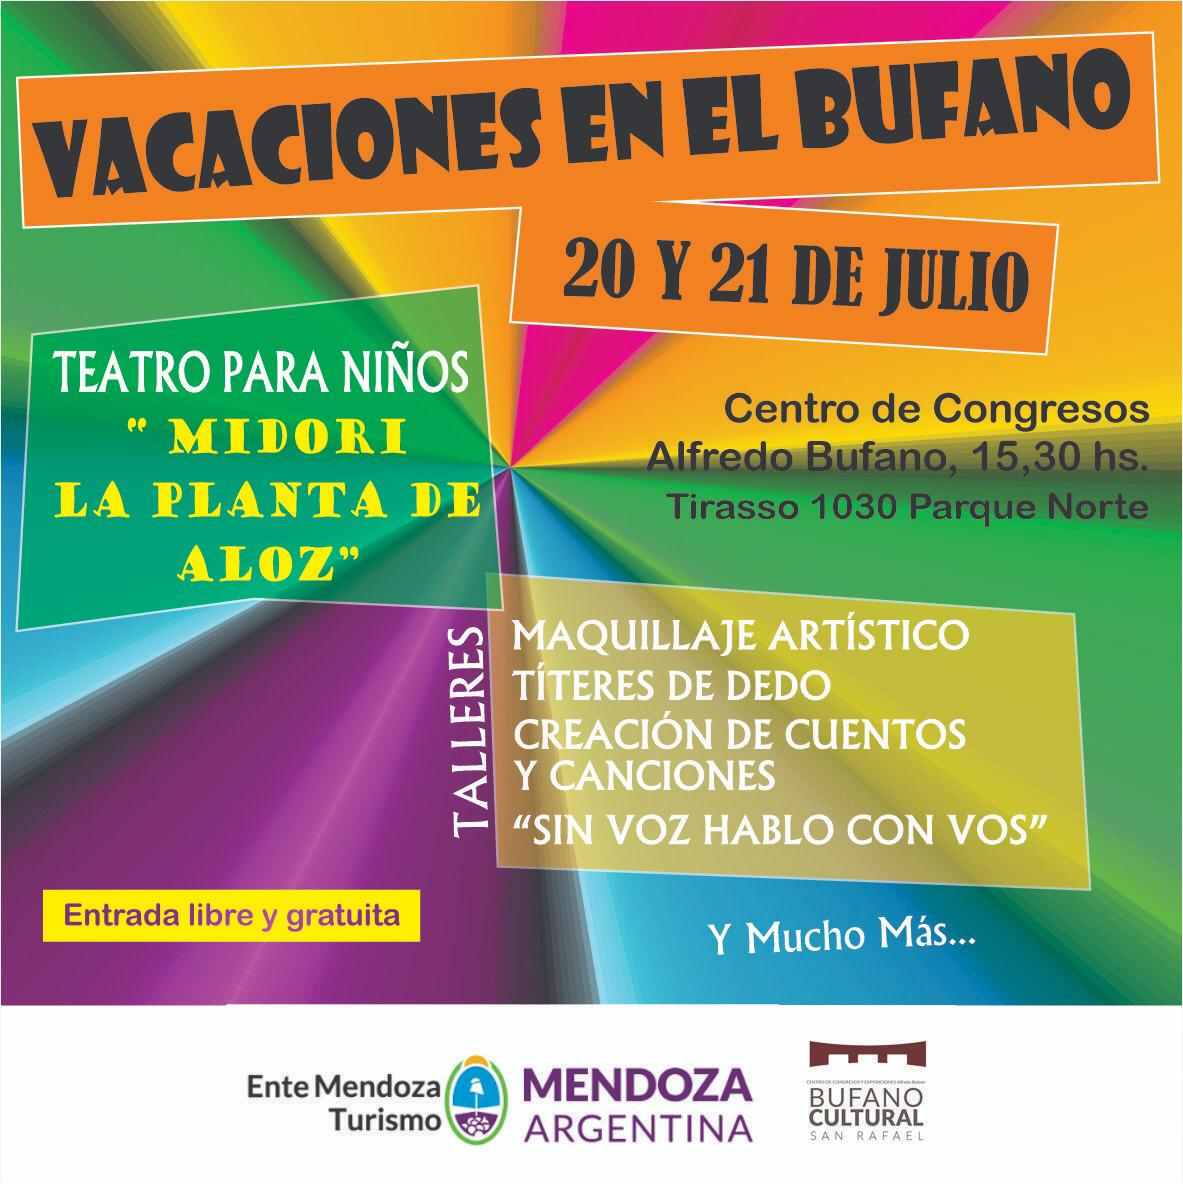 Centro de Congresos: Fin de semana especial para niños, y gratis